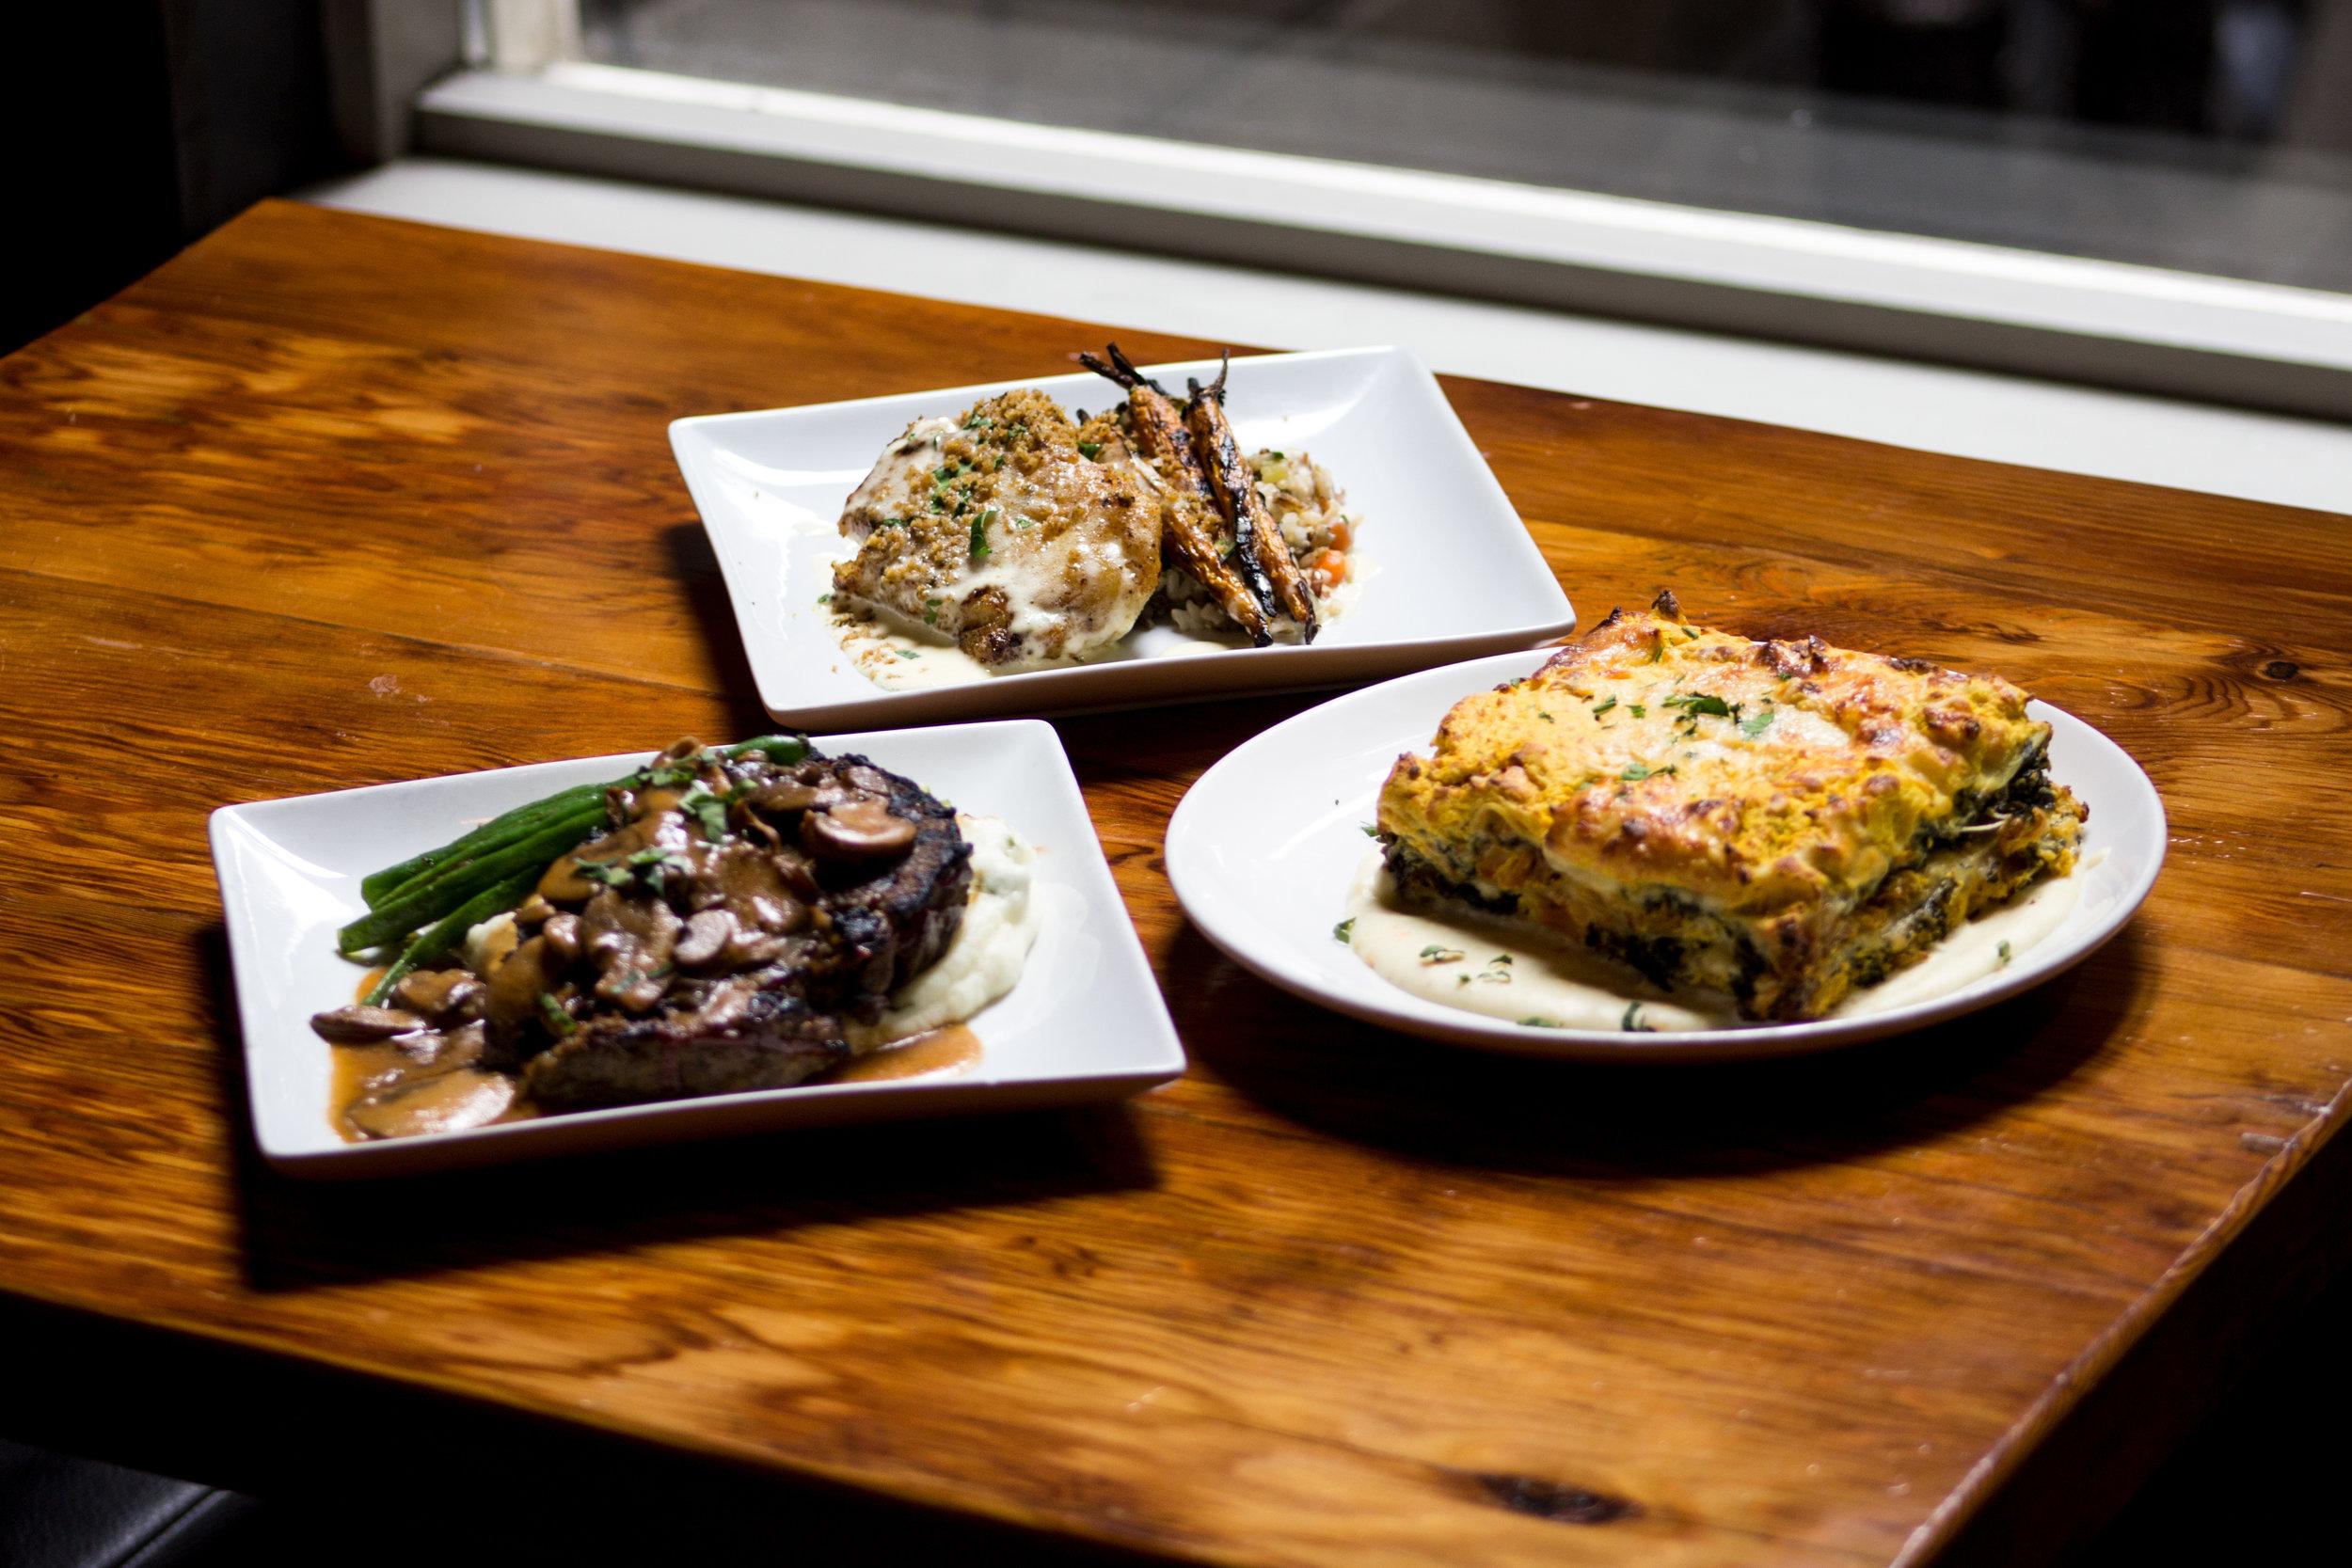 Grilled Meatloaf, Baked Cod, Winter Vegetable Lasagna. Umm, comfort food.